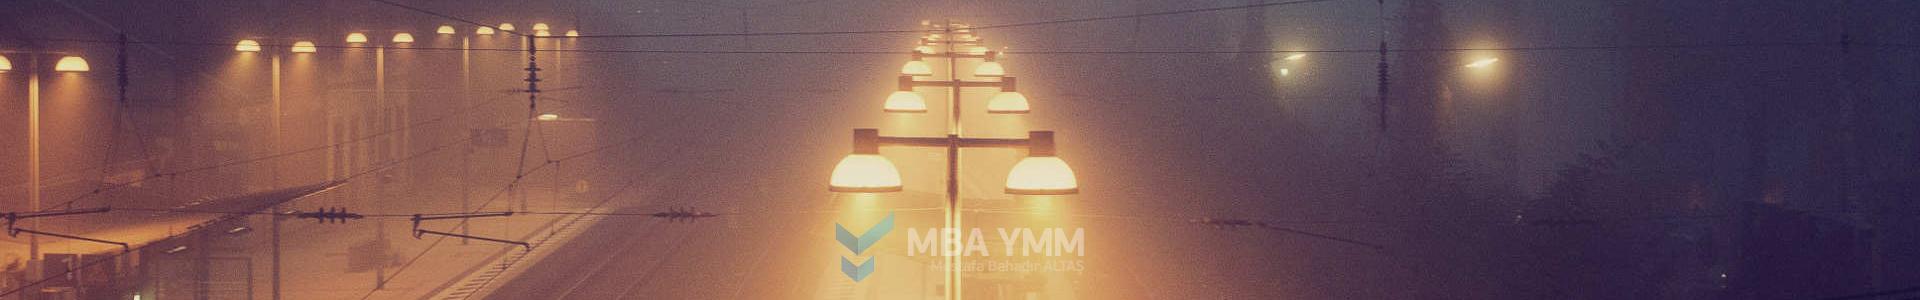 Mustafa Bahadır ALTAŞ – YMM-Banner